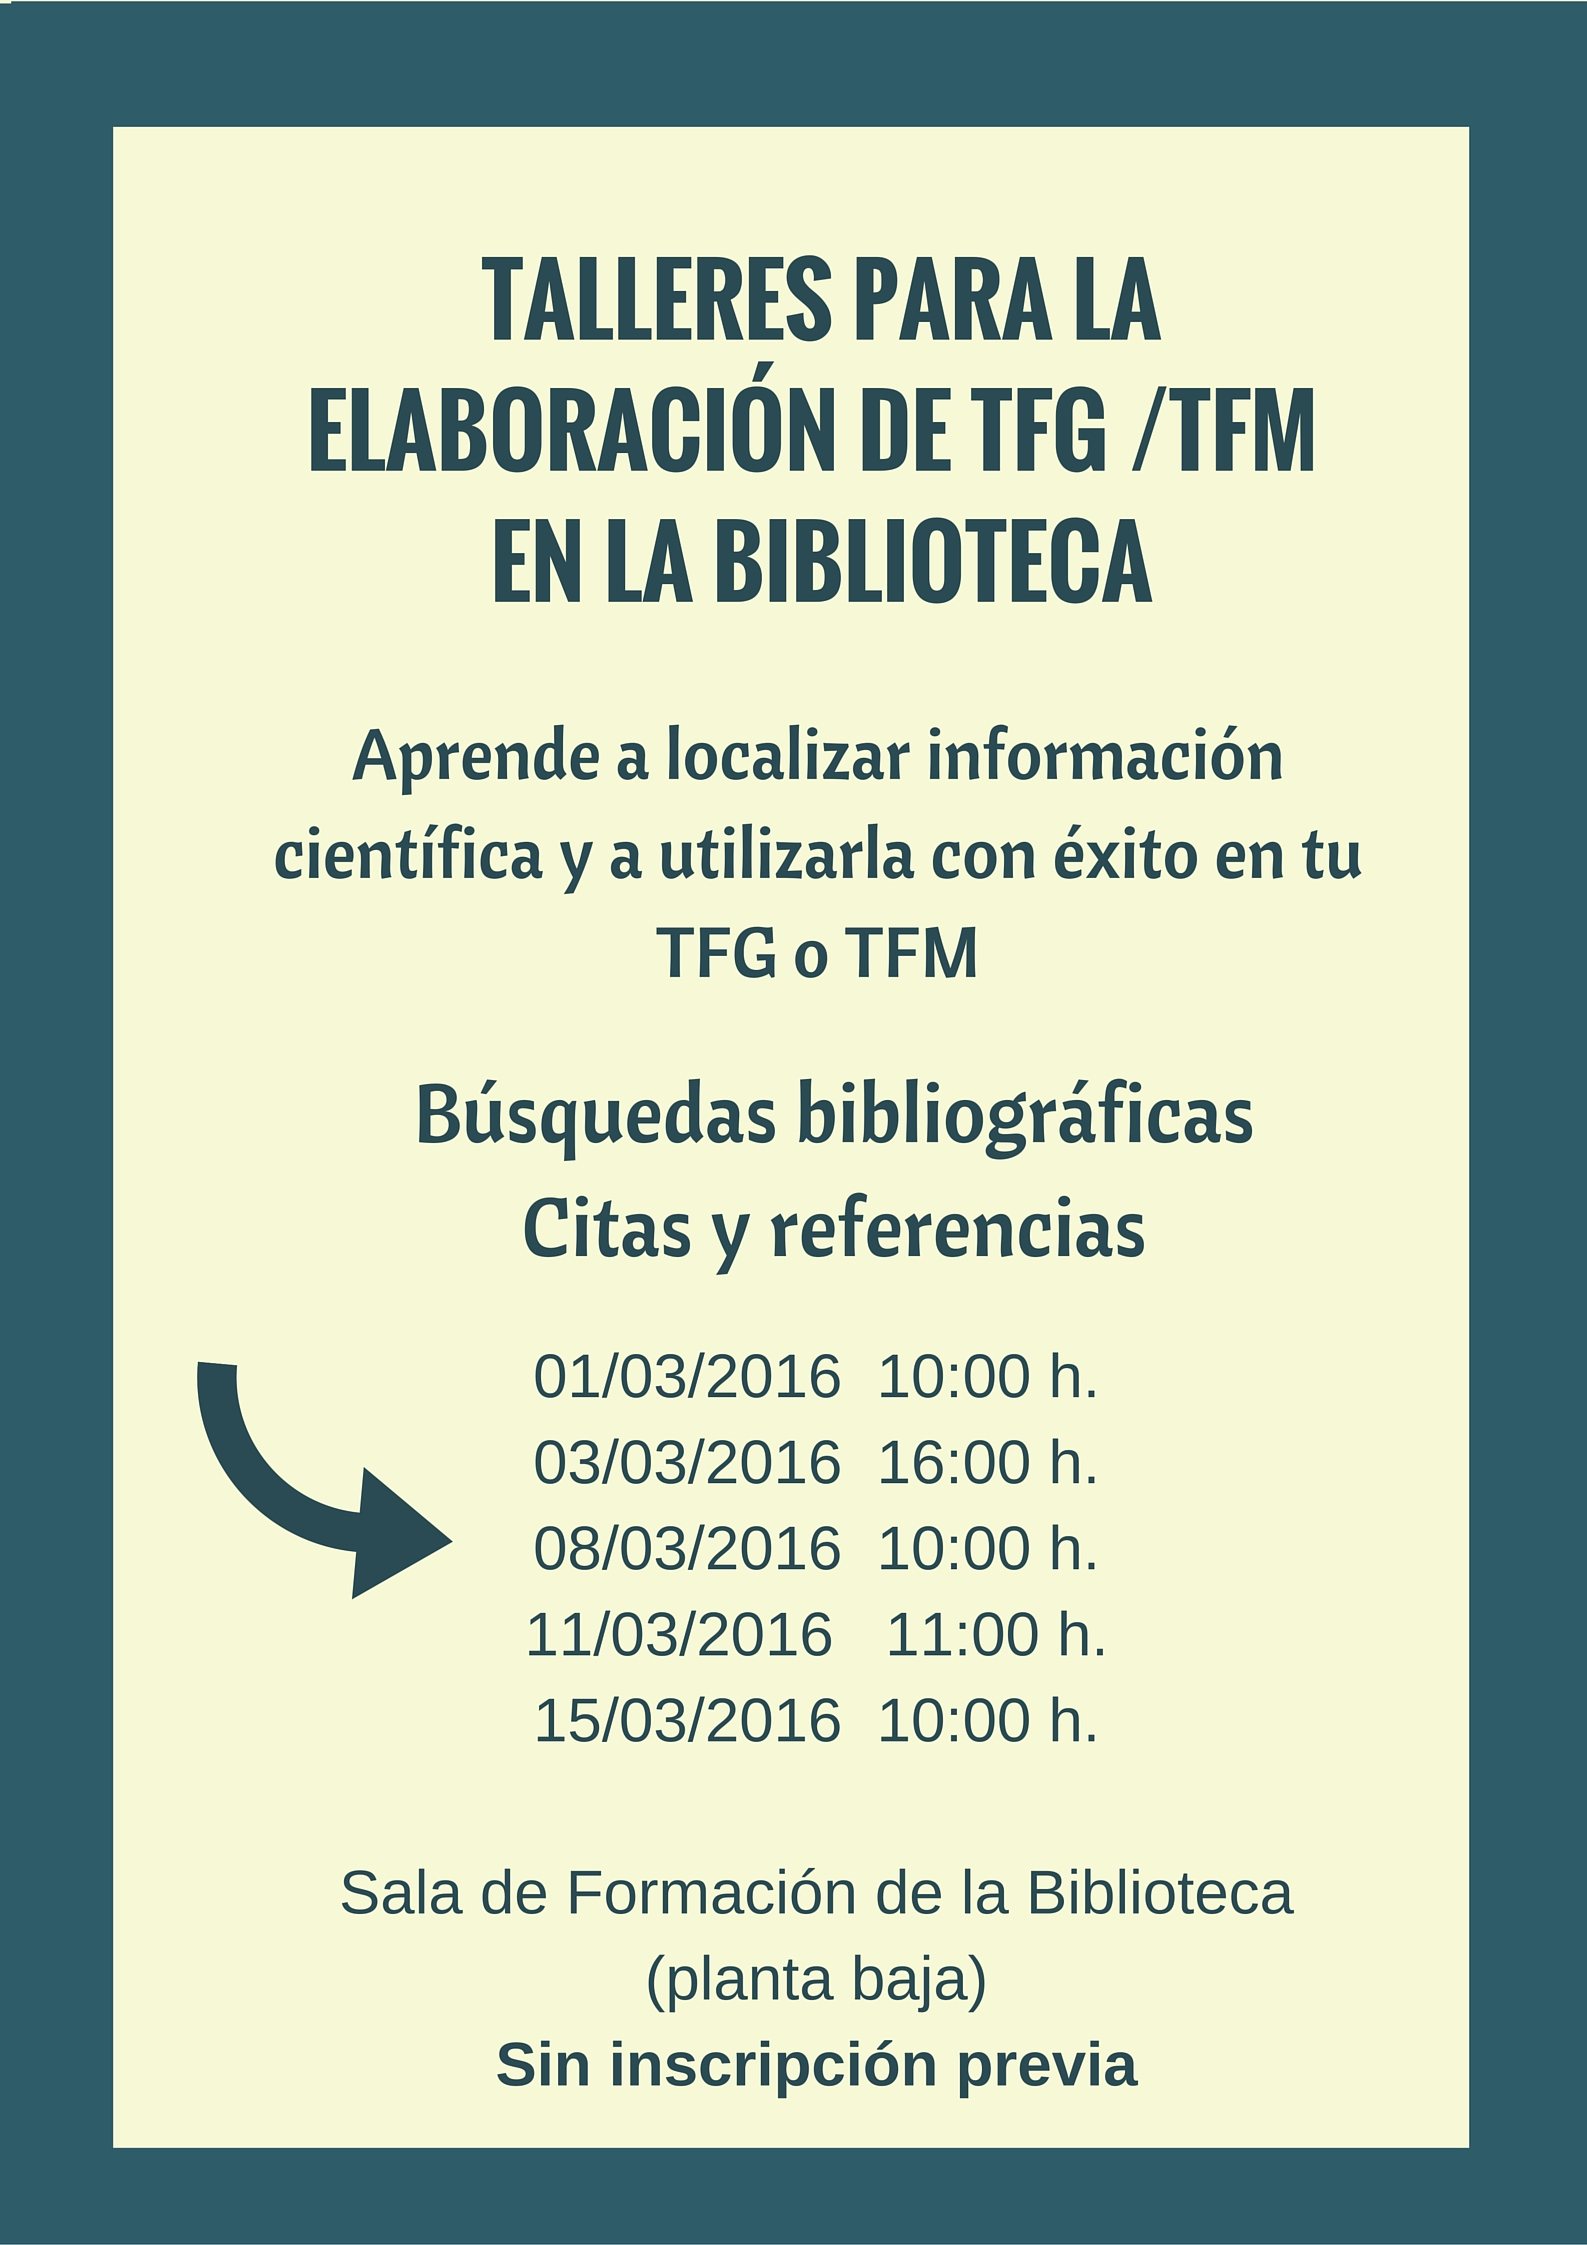 TALLERES ELABORACIÓN TFG_TFM